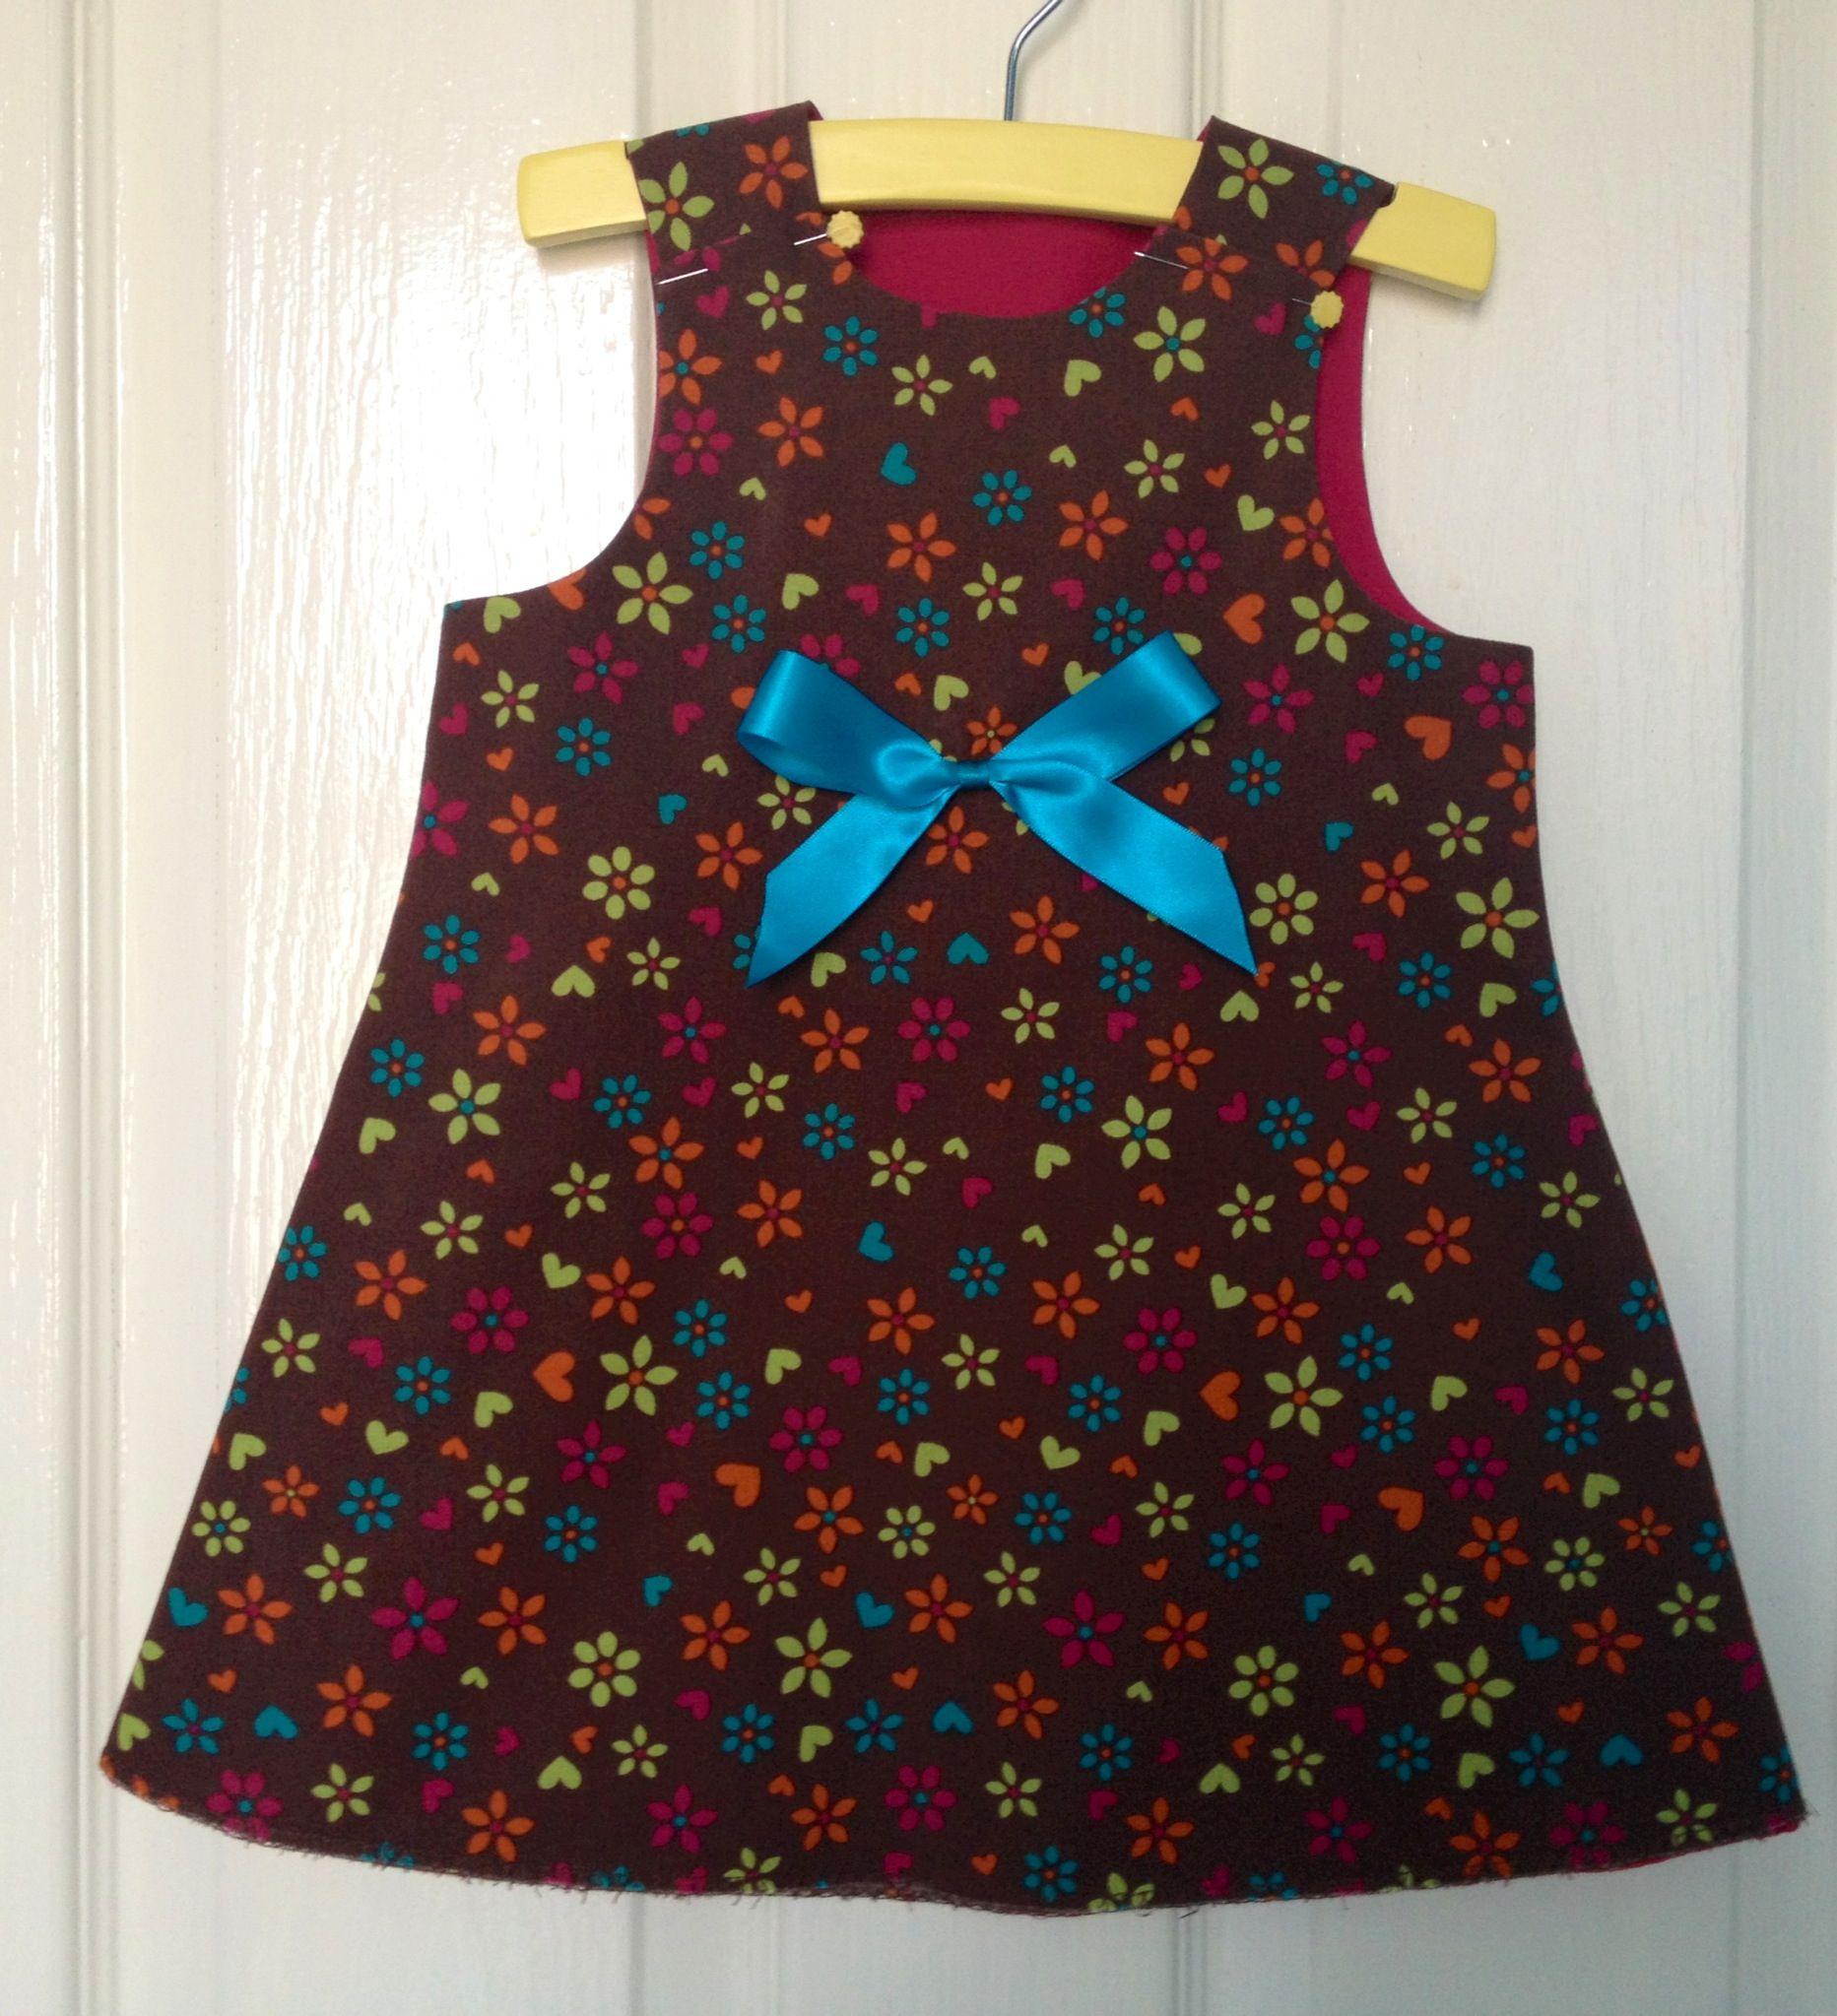 Stylish baby pinafore dress